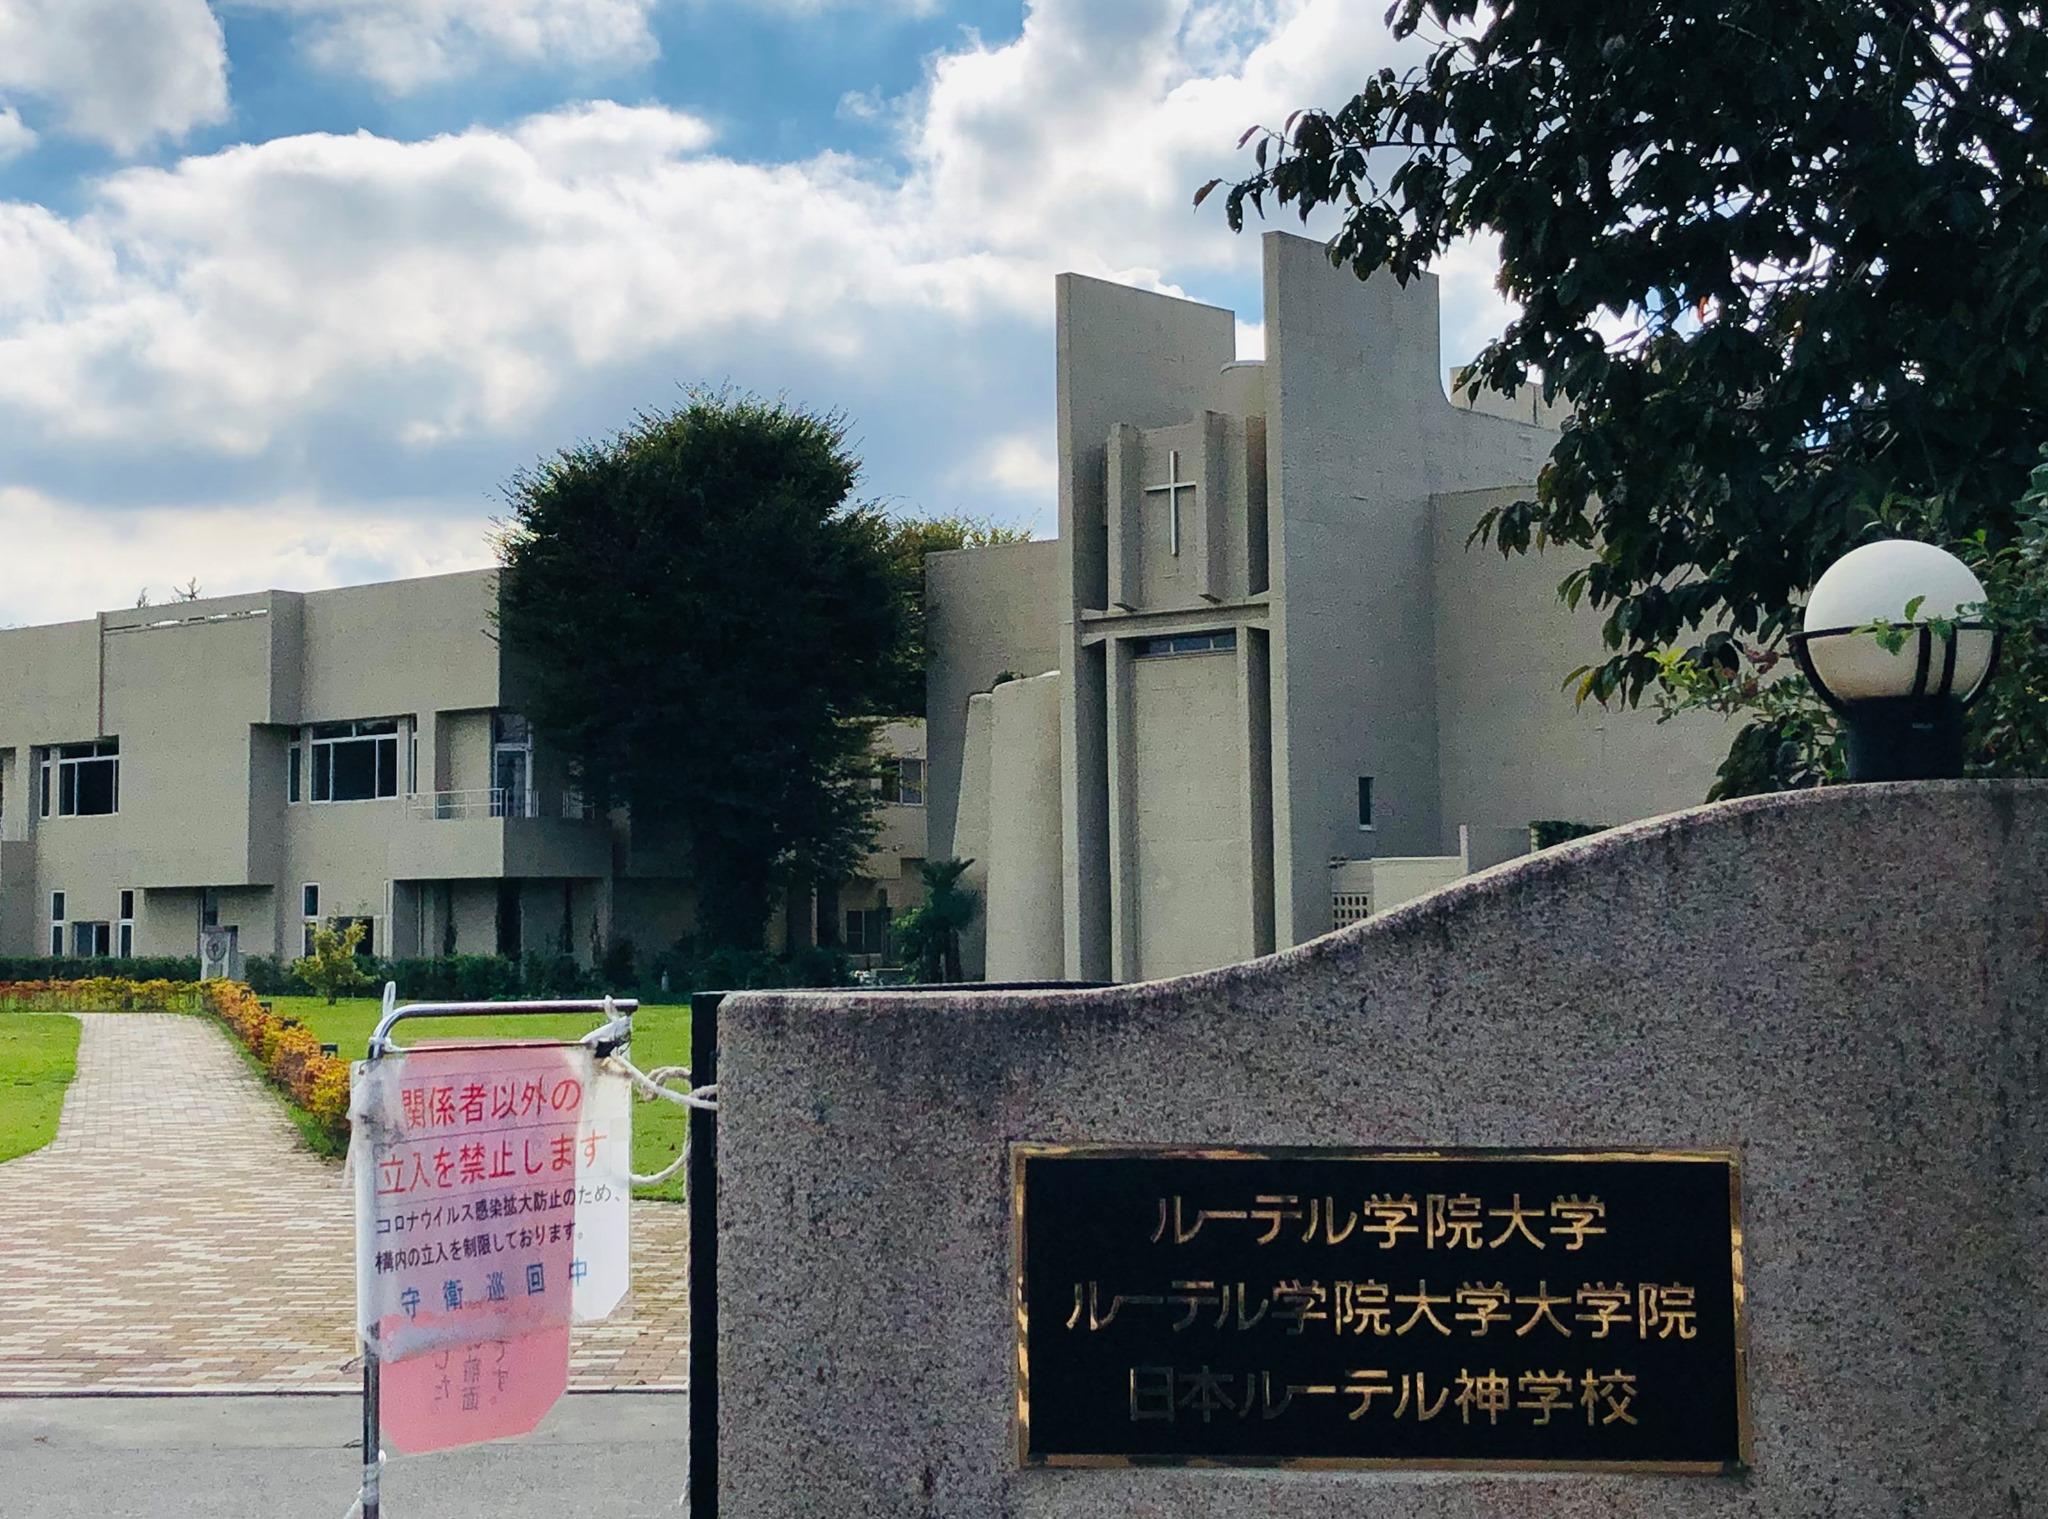 ルーテル学院大学の石居基夫学長と対話しました。